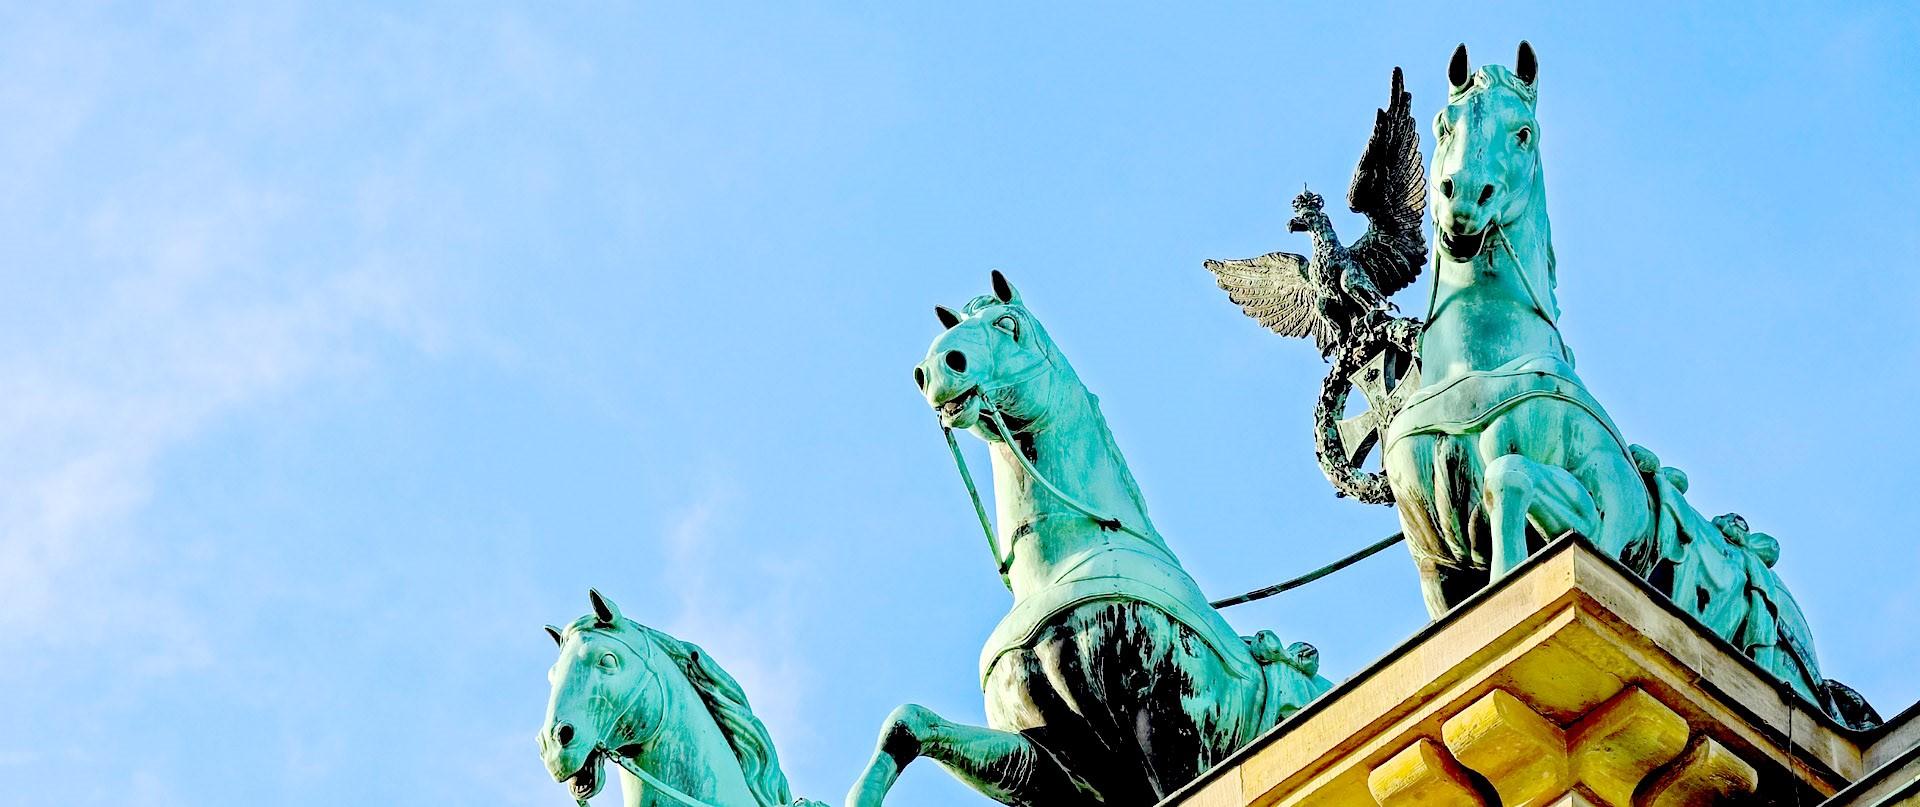 Paarden bovenop de Brandenburger Tor